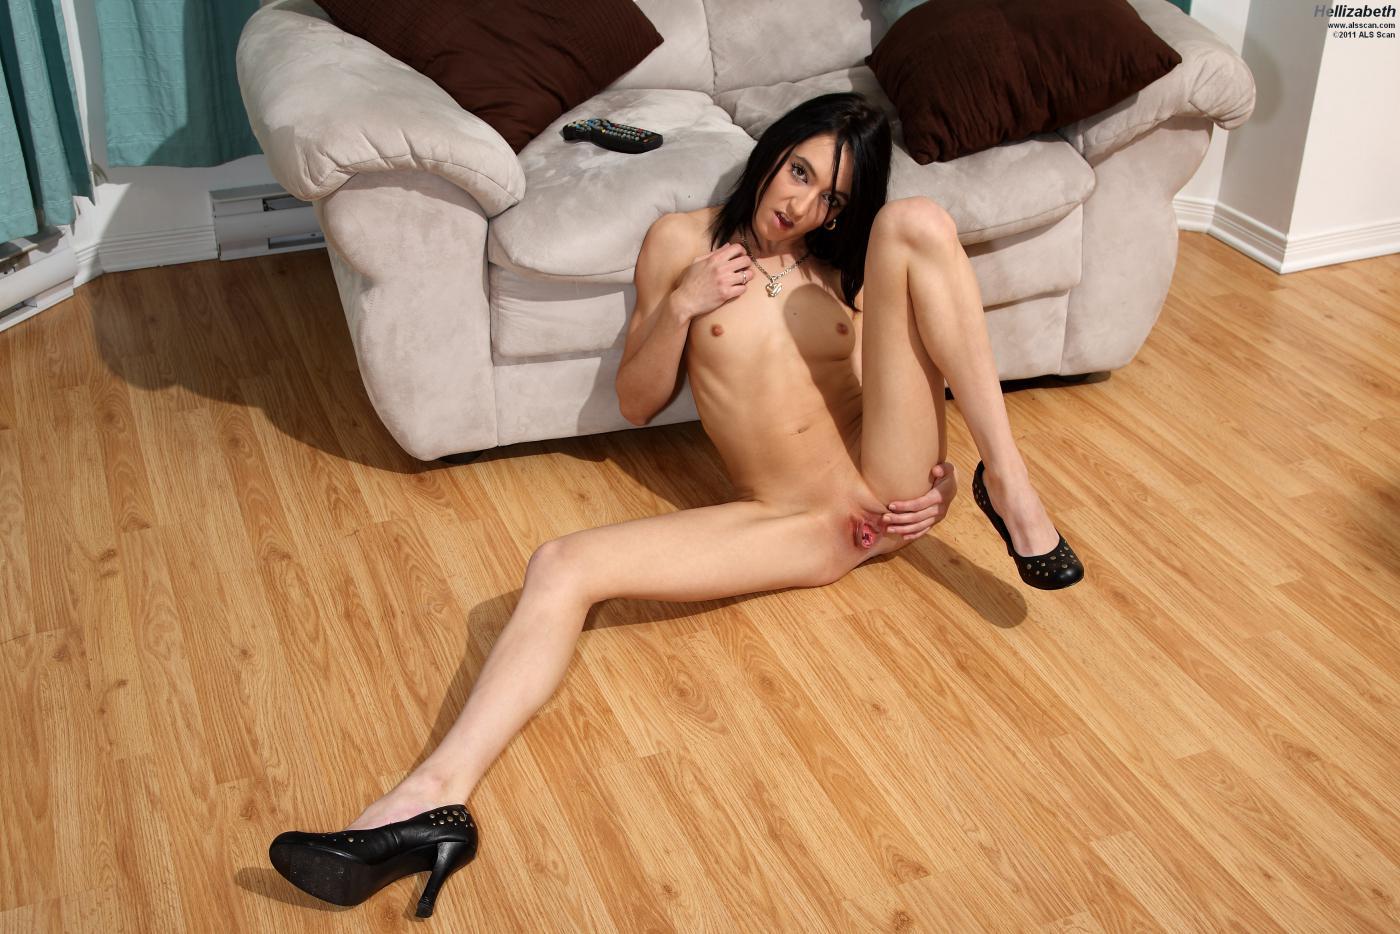 Юная брюнетка на высоких каблуках Hellizabeth растопыривает нагие ноги и мастурбирует манду